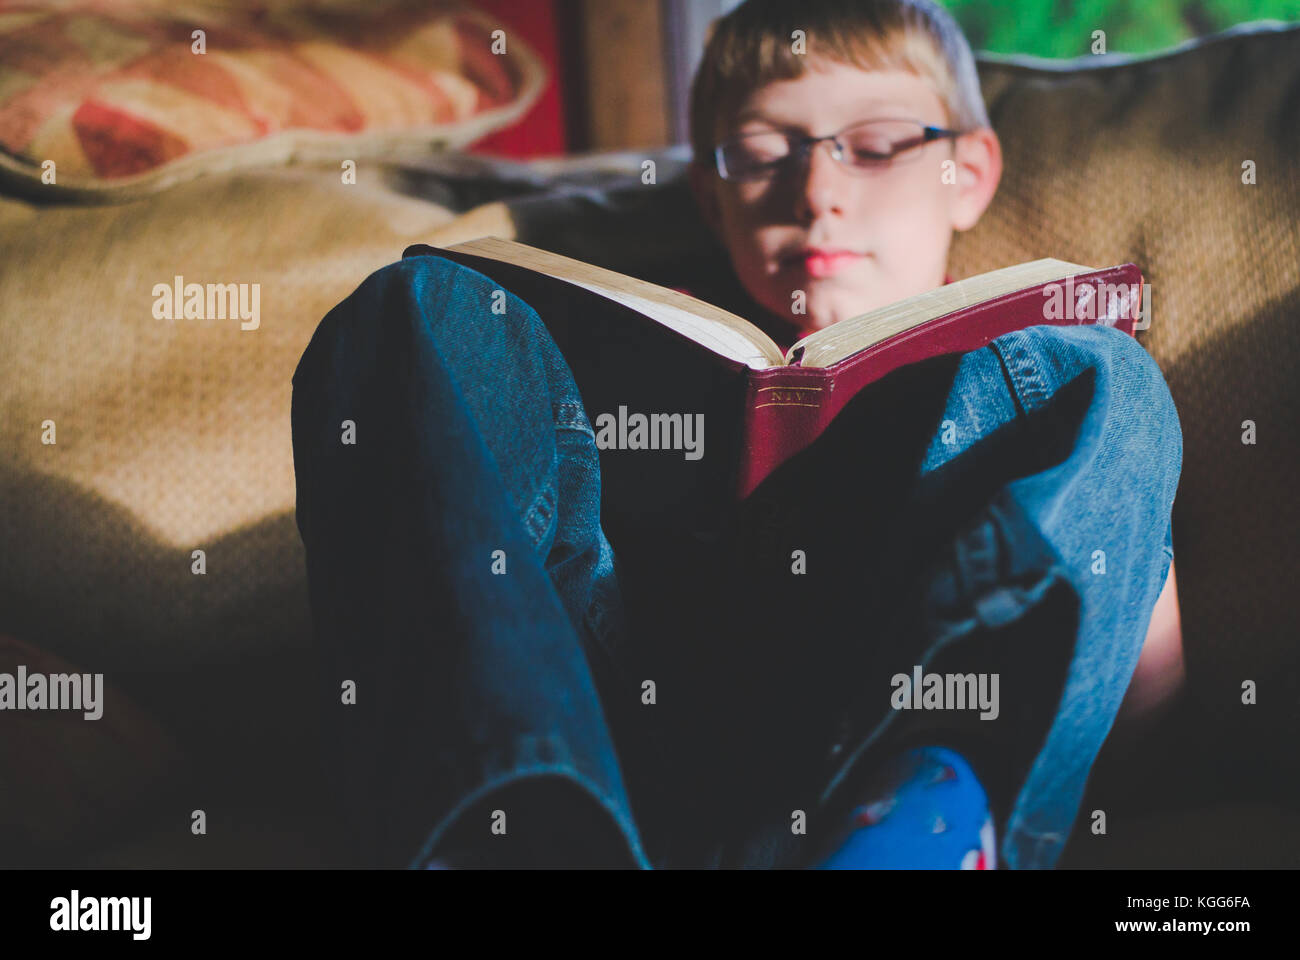 10-11 ans la lecture d'un livre Photo Stock